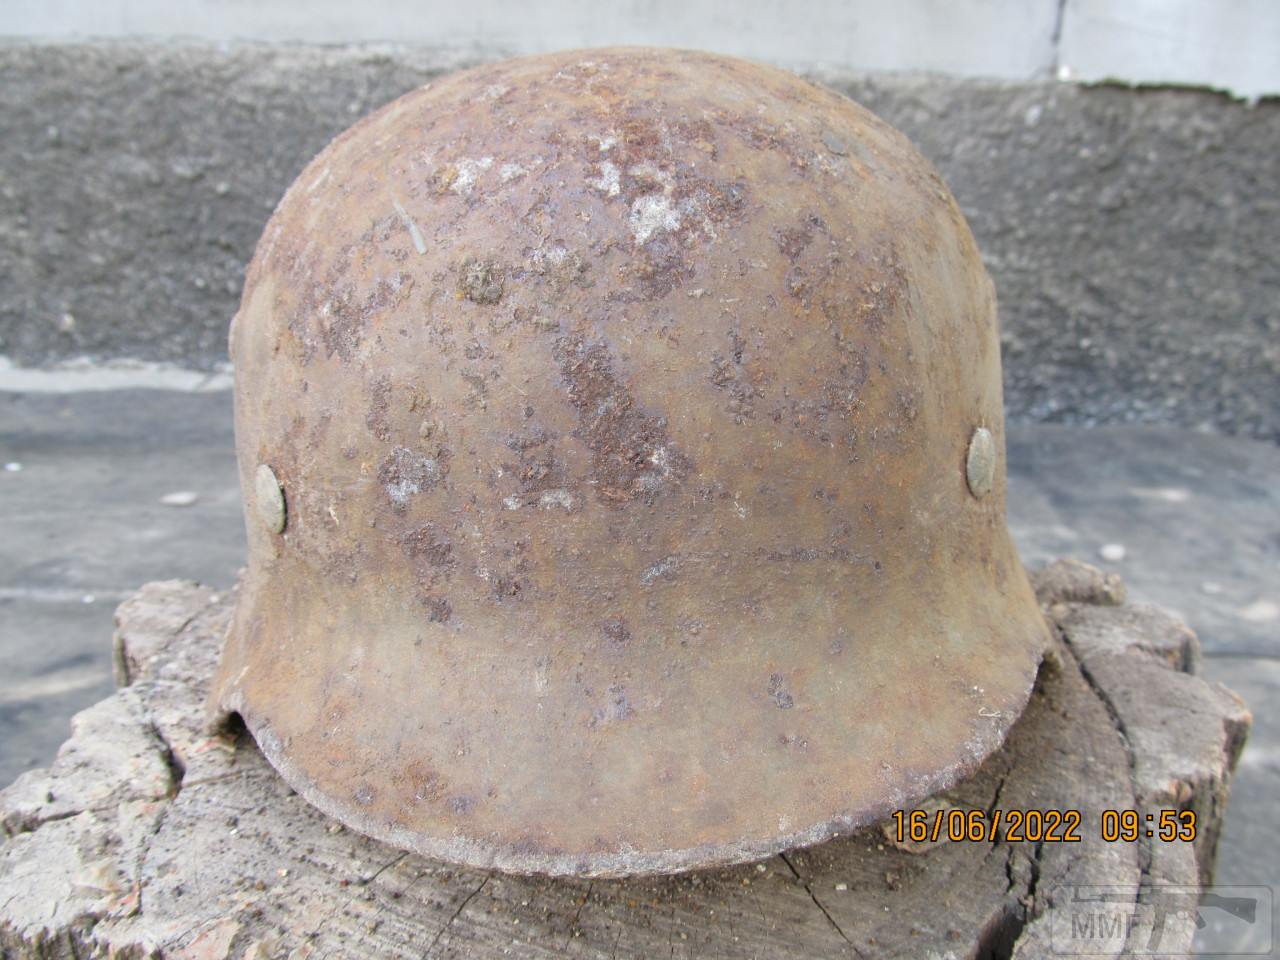 112425 - Реанімація залізної шапки вермахта М35